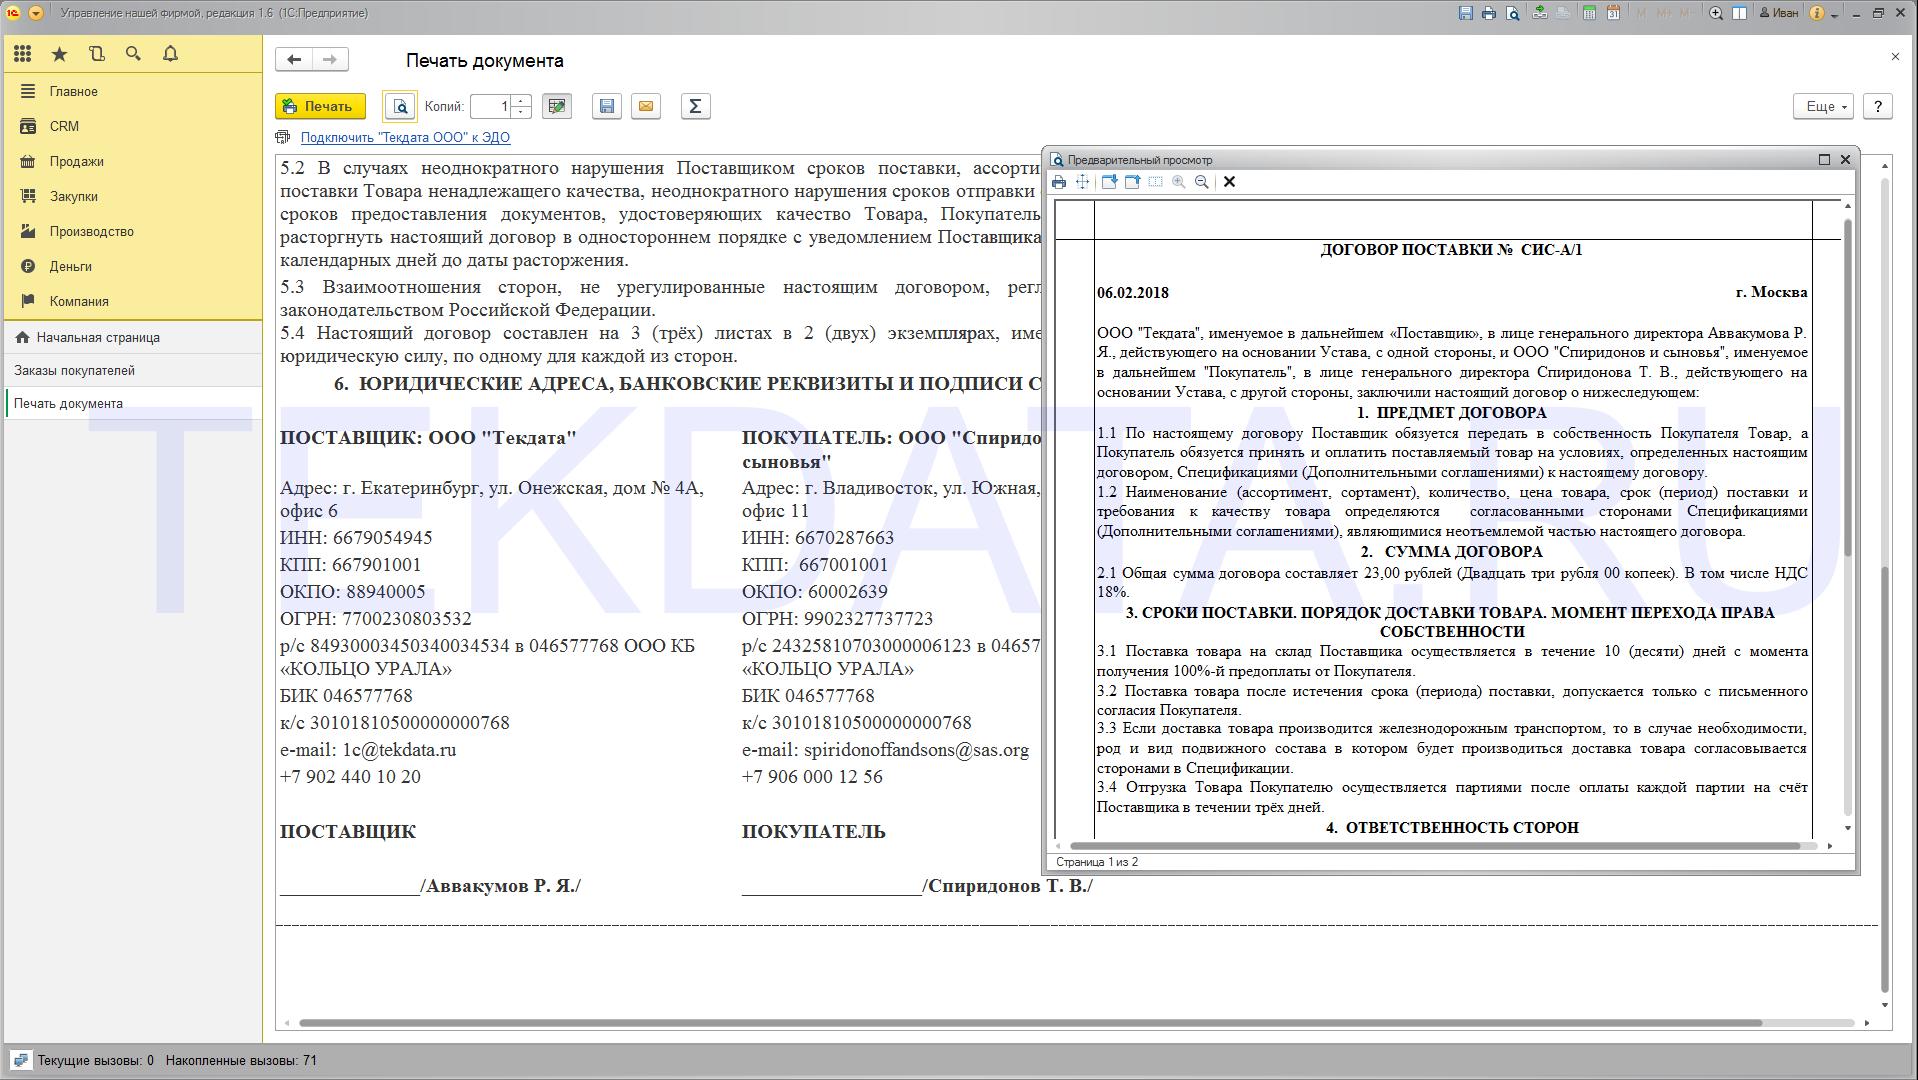 Печатная форма договора для документа «Заказ покупателя» в 1С: УНФ 1.6